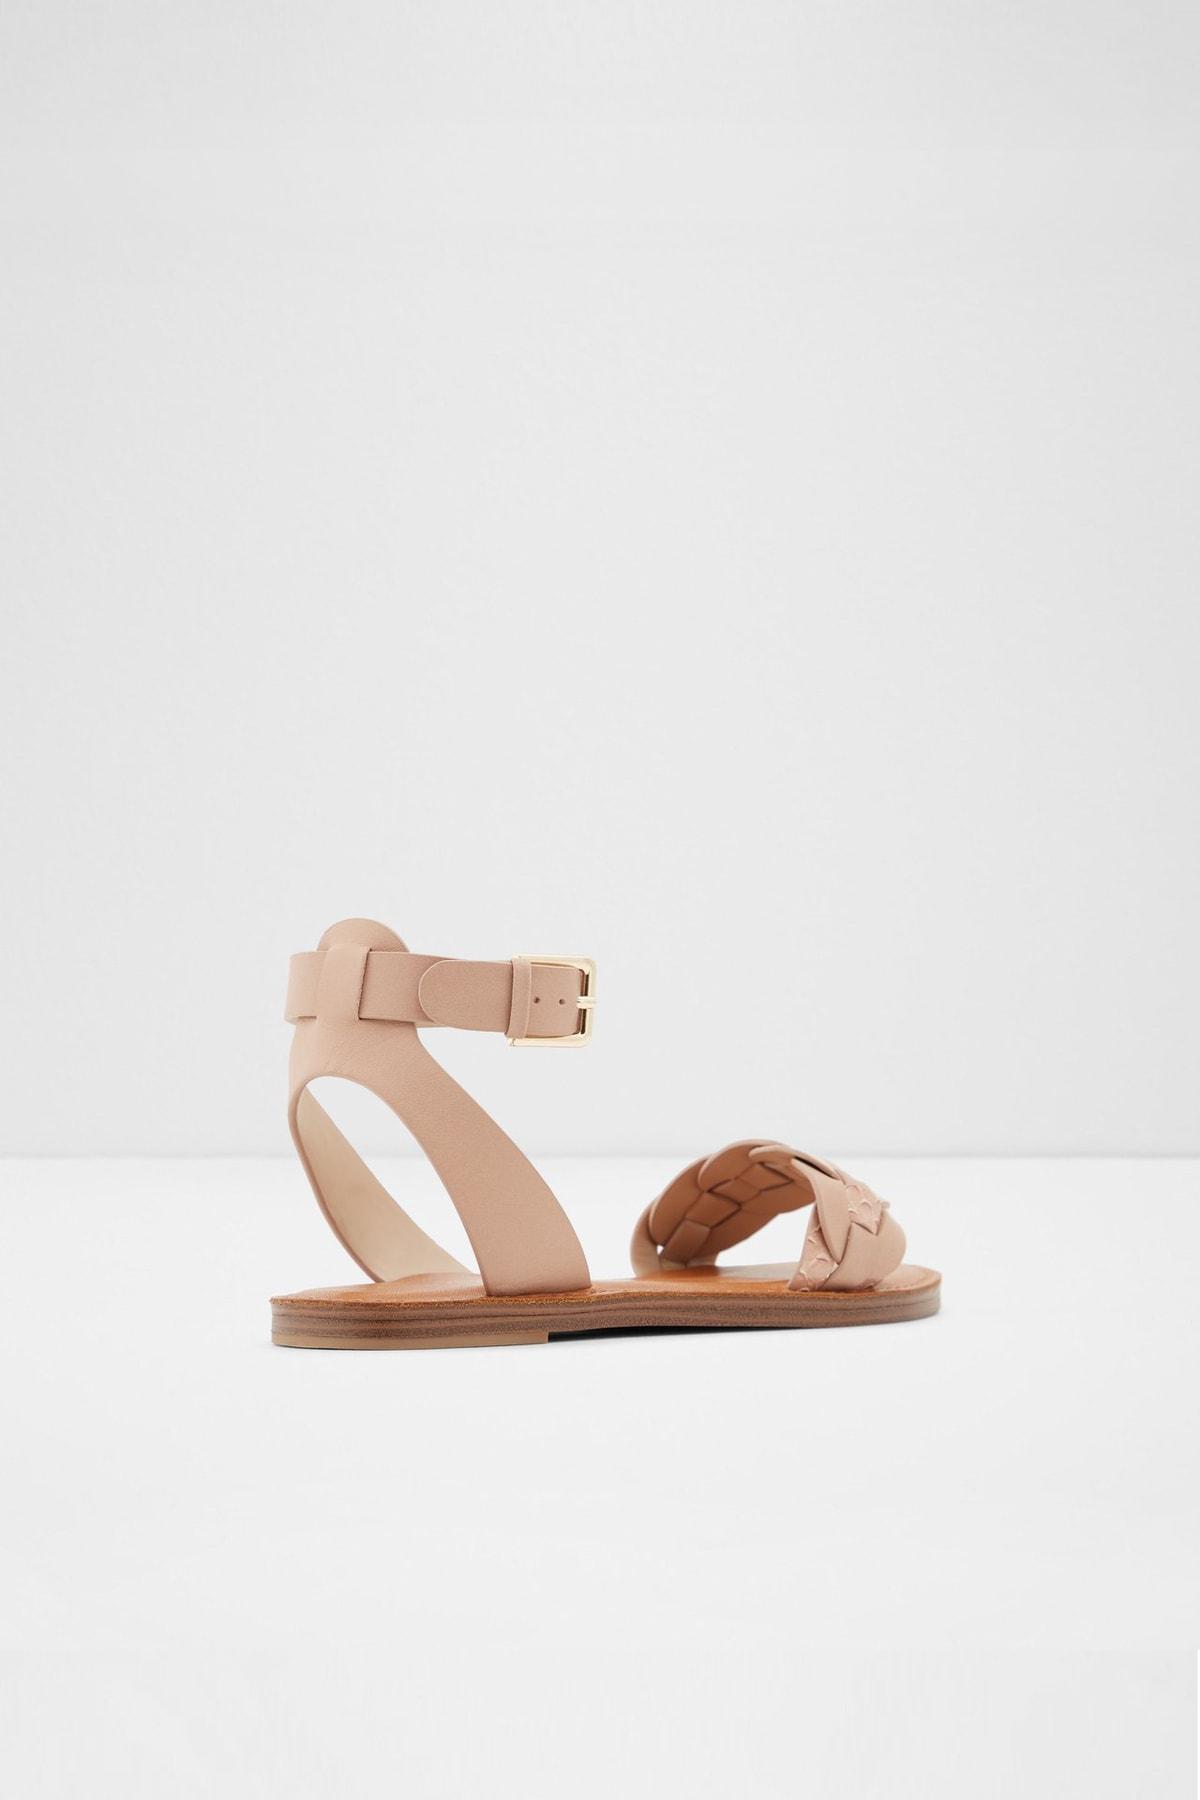 Aldo Kadın Bej Sandalet 2